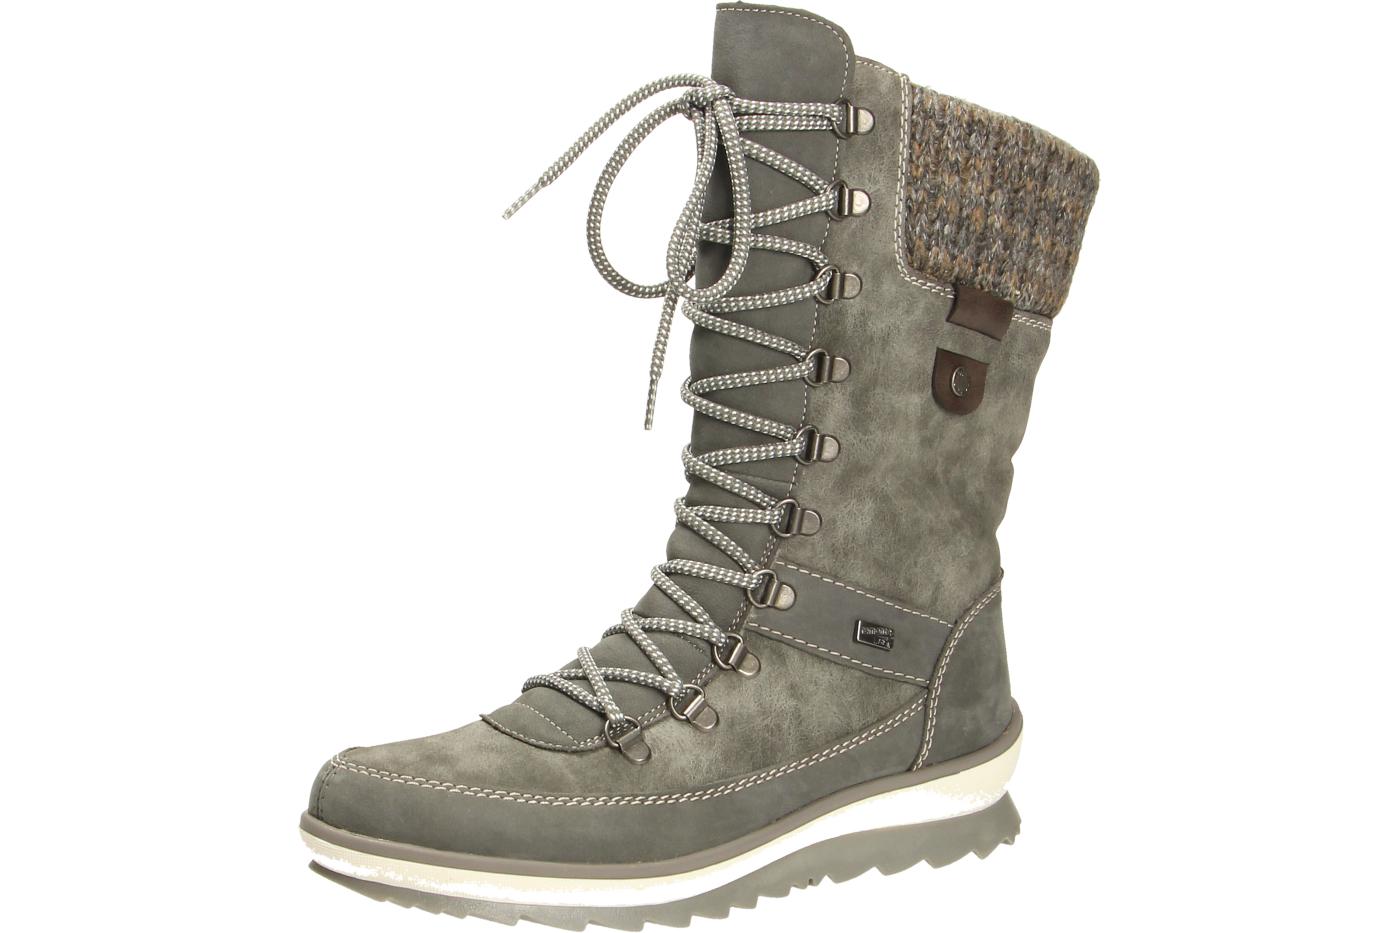 Remonte Stiefel R4371 45